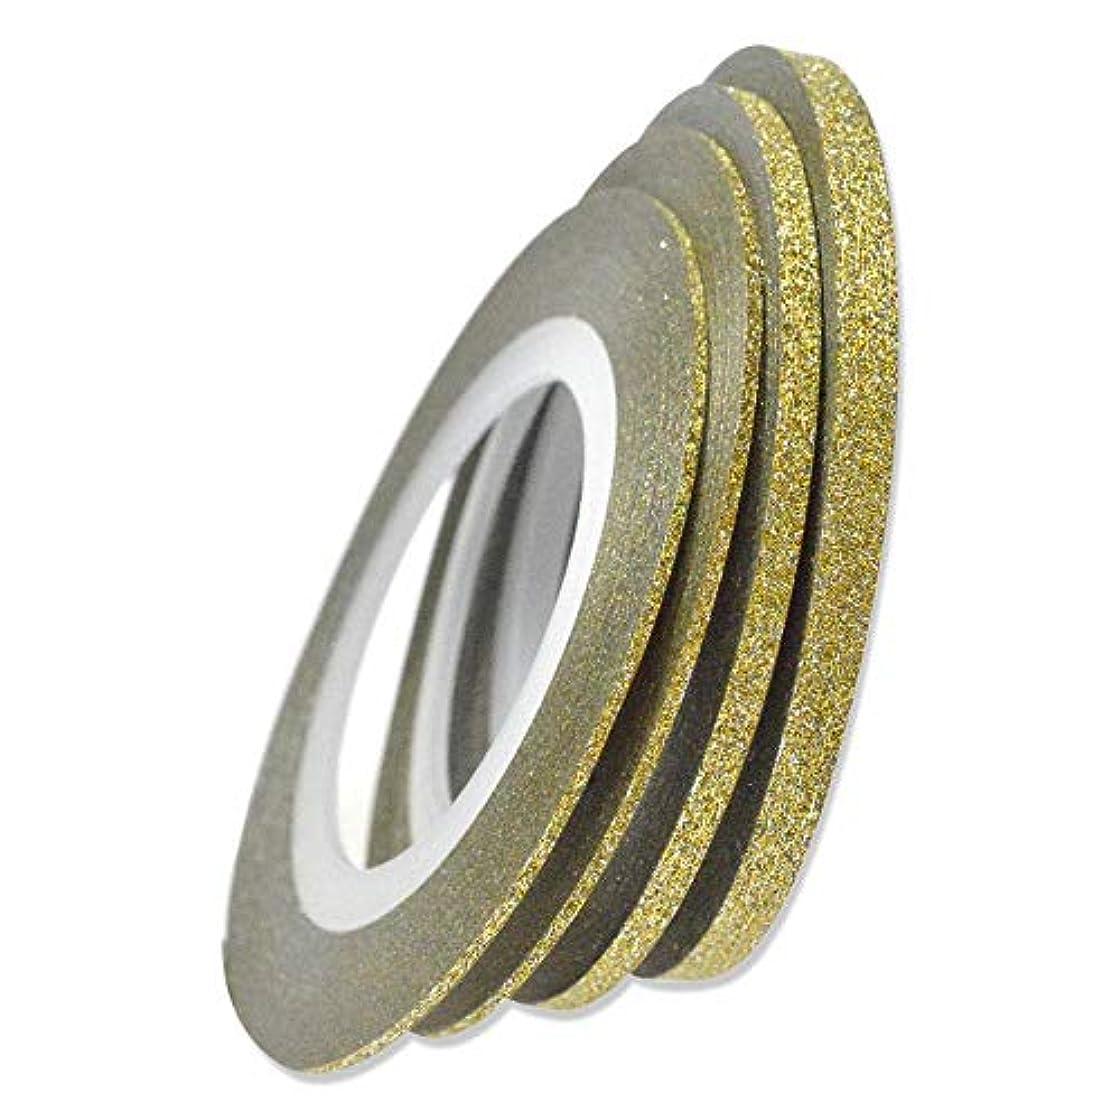 挽く悲観主義者フレアSUKTI&XIAO ネイルステッカー 1ロールネイルアートキラキラストライピングテープラインレーザーシャイニングゴールド/シルバー1/2 / 3Mm新しいネイル転写箔ステッカー、3Mmゴールド